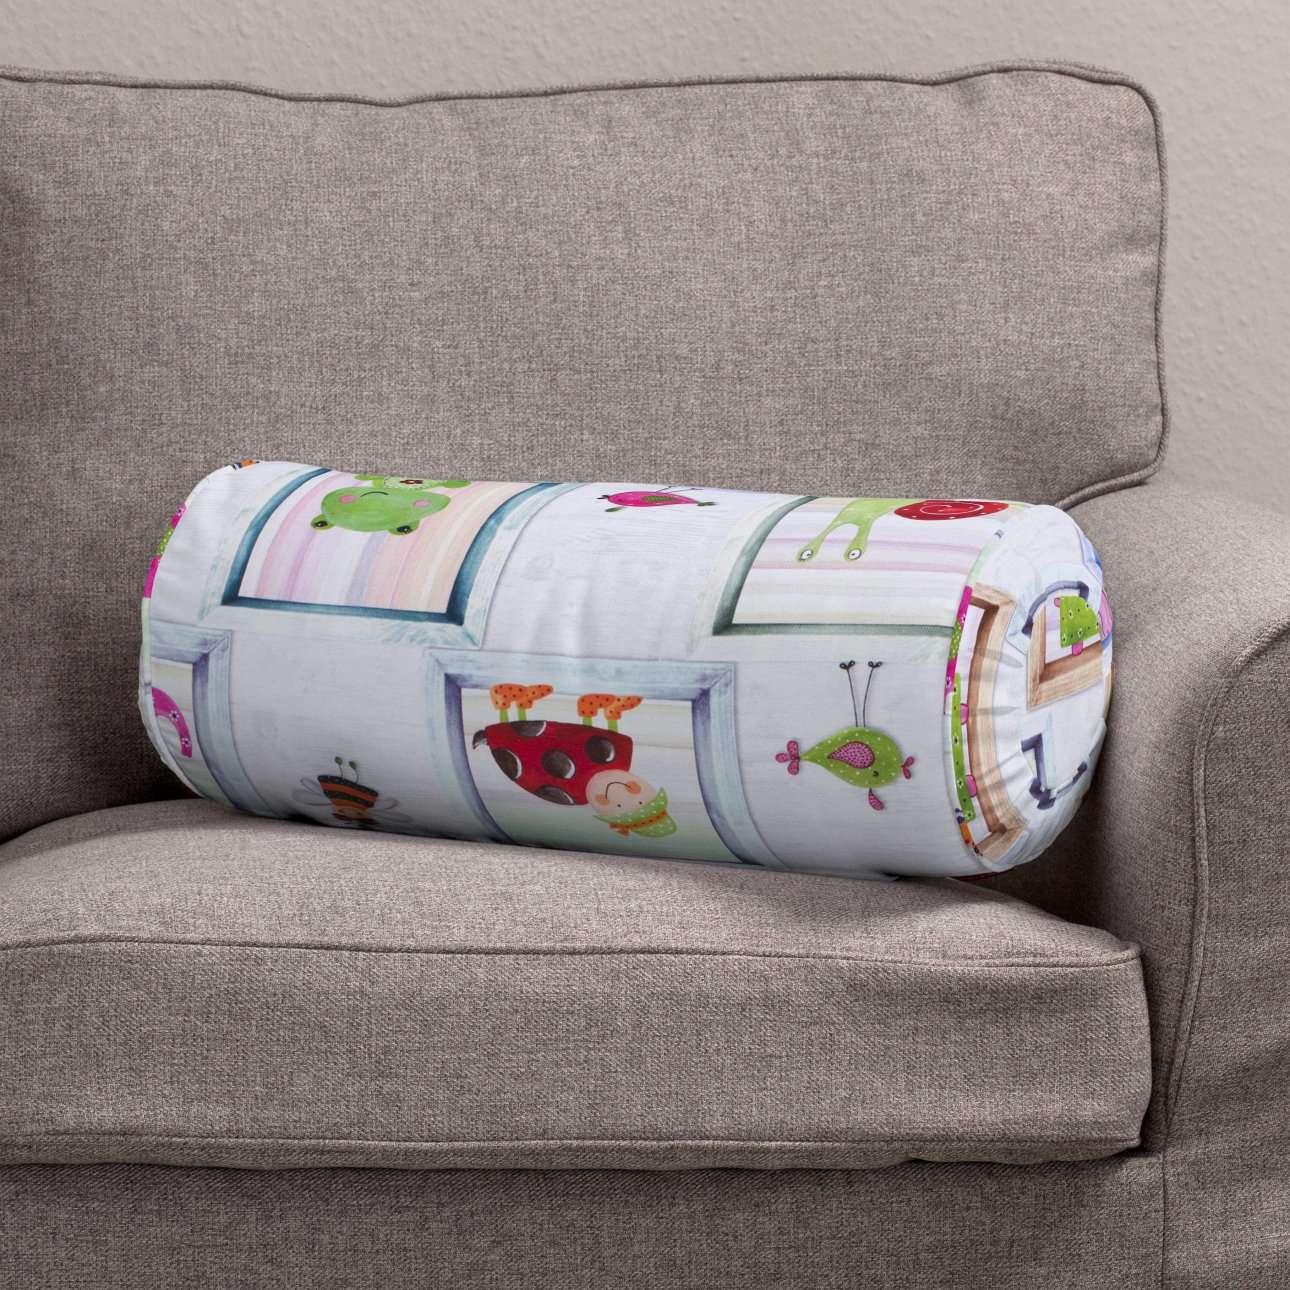 Poduszka wałek z zakładkami w kolekcji Little World, tkanina: 151-04